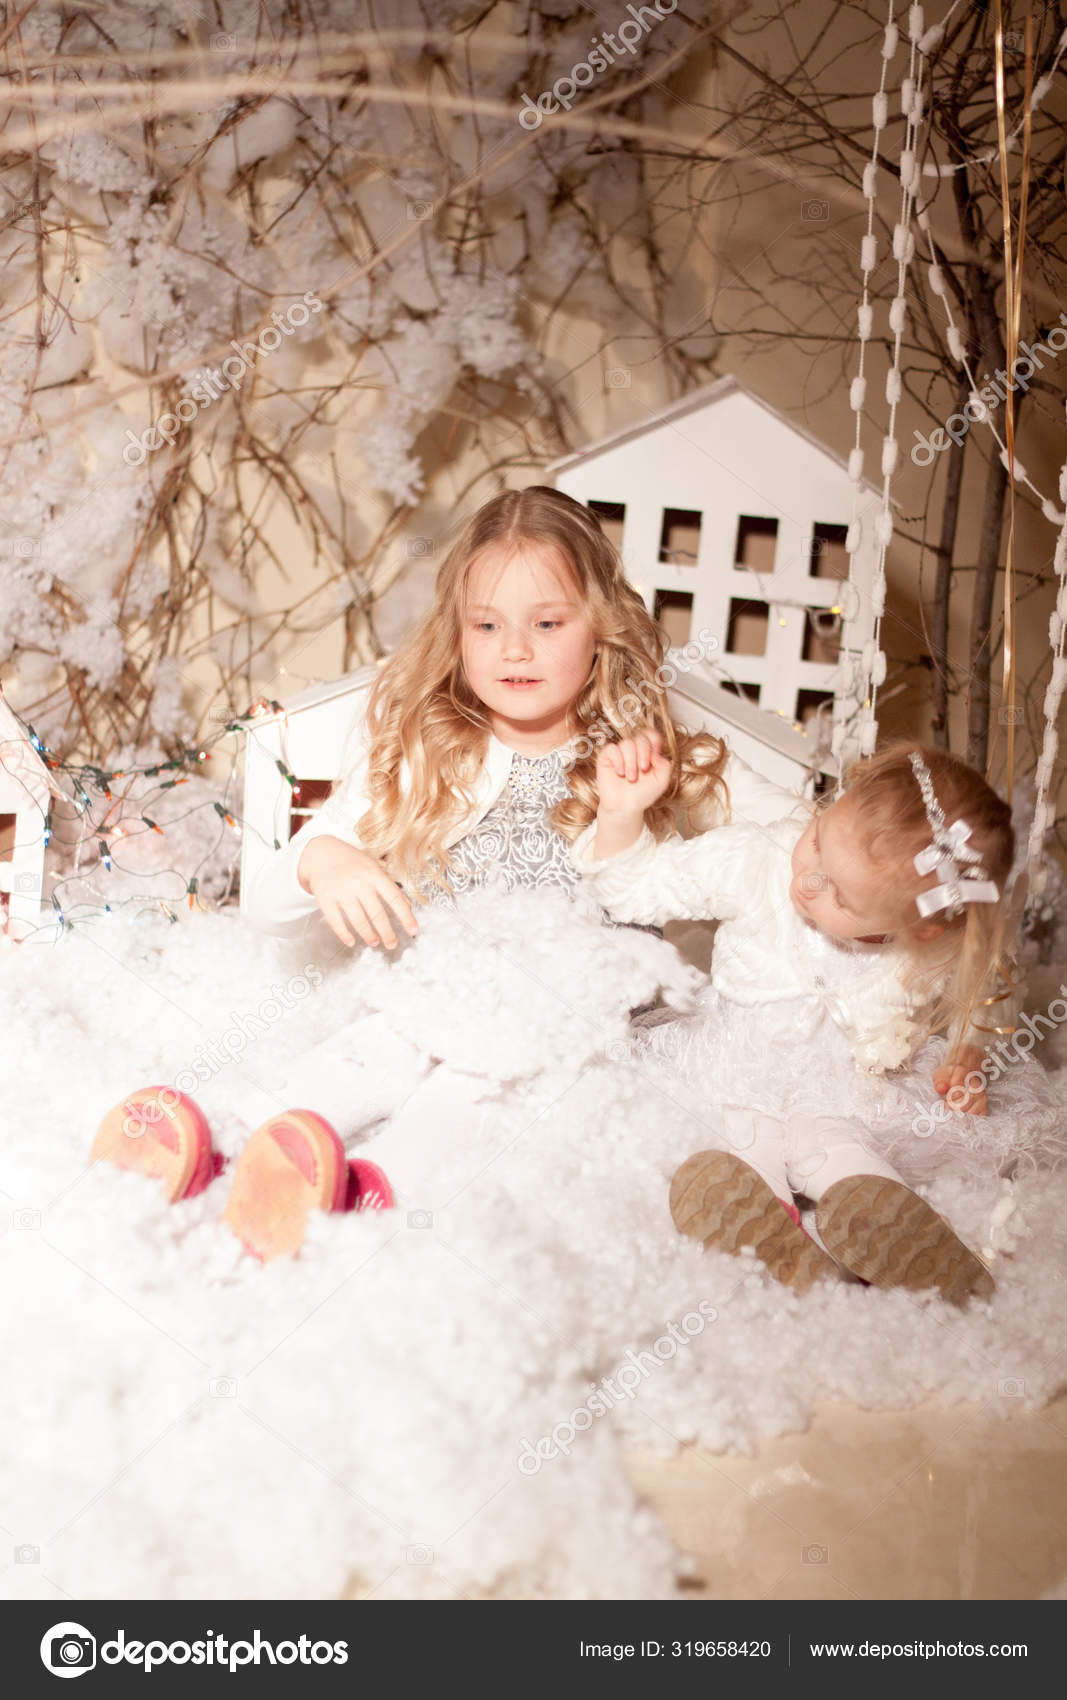 идеи фотосессии с искусственным снегом чаще всего